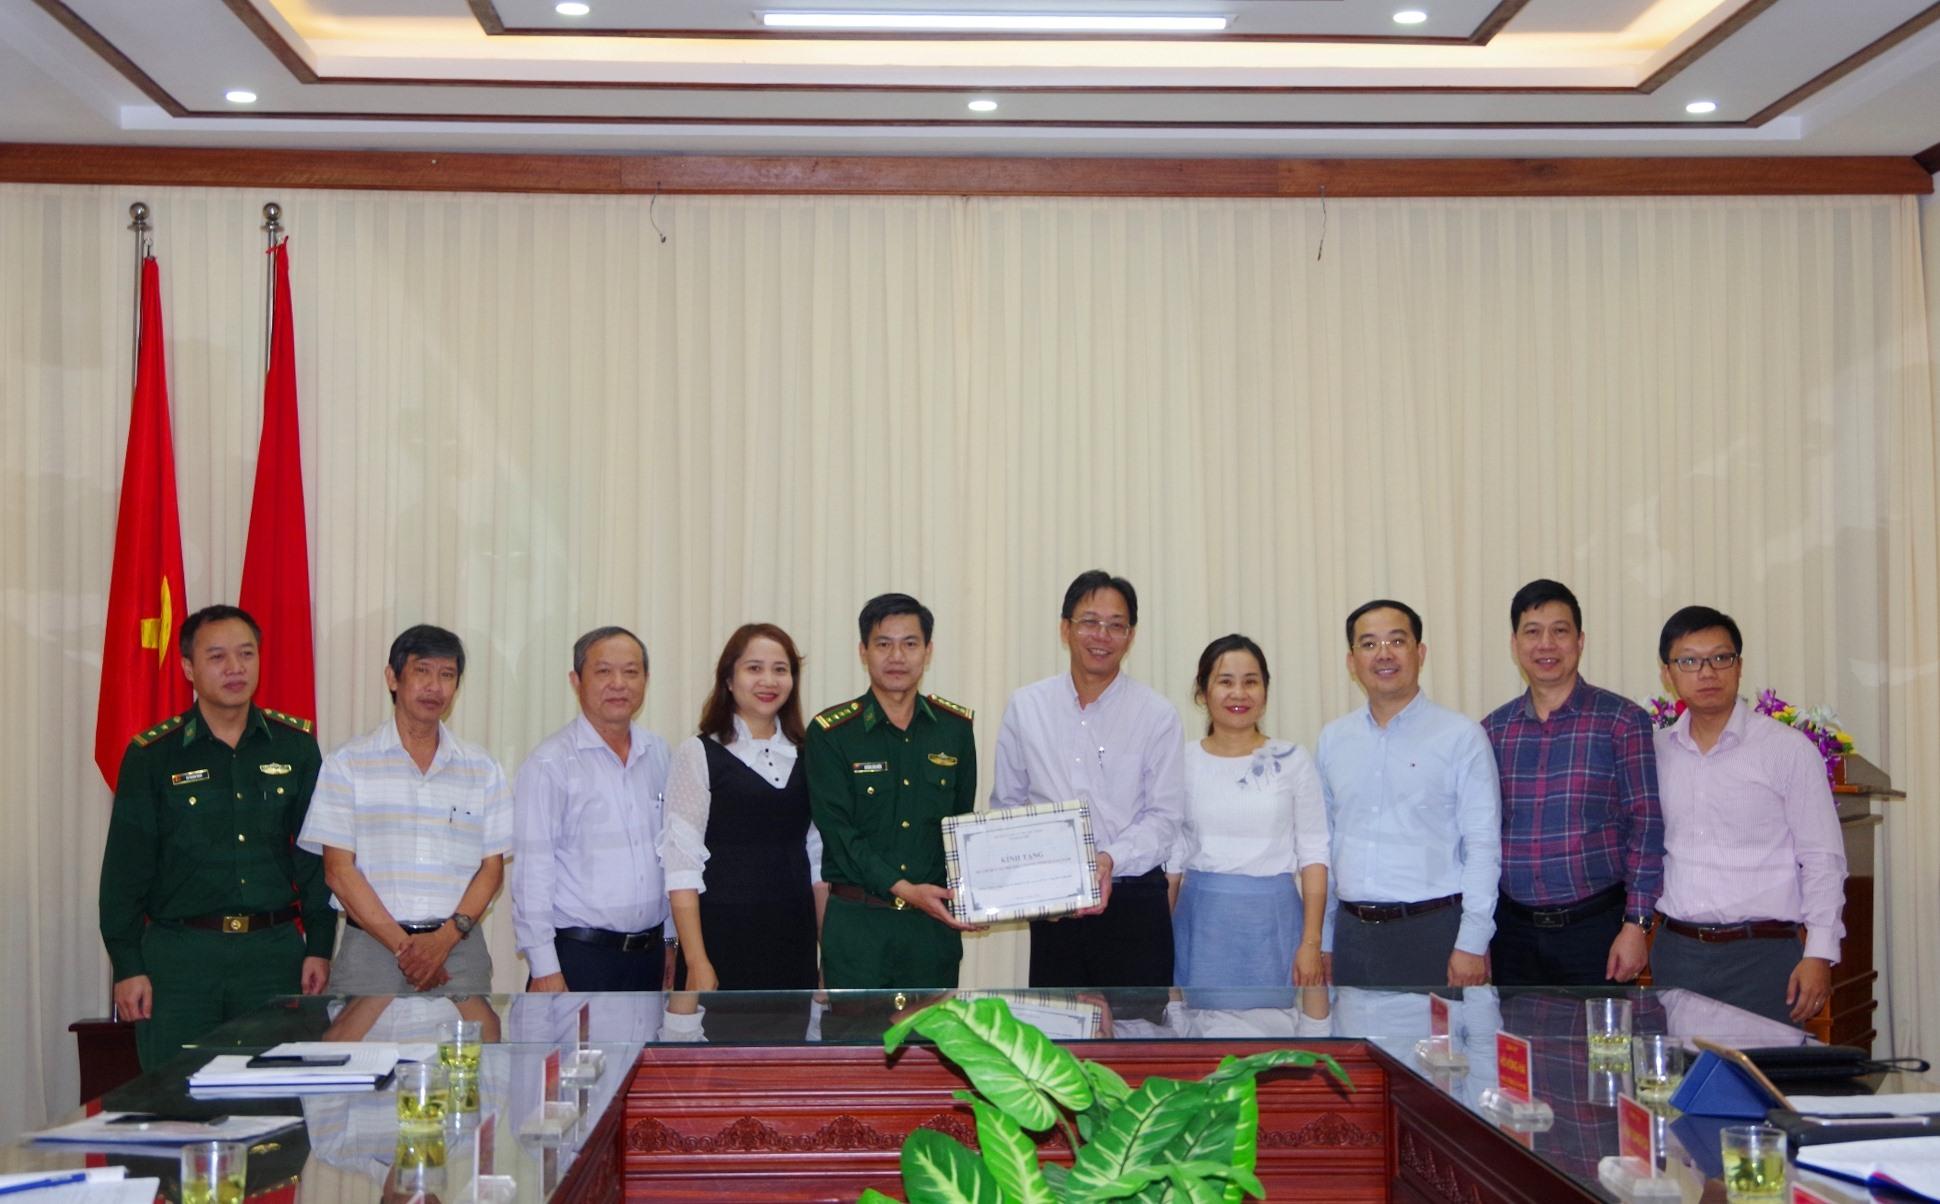 Bộ Thông tin và Truyền thông tặng xuất bản phẩm, CD, tờ gấp tuyên truyền pháp luật cho BĐBP tỉnh và các xã có đường biên giới giáp Lào của tỉnh Quảng Nam.